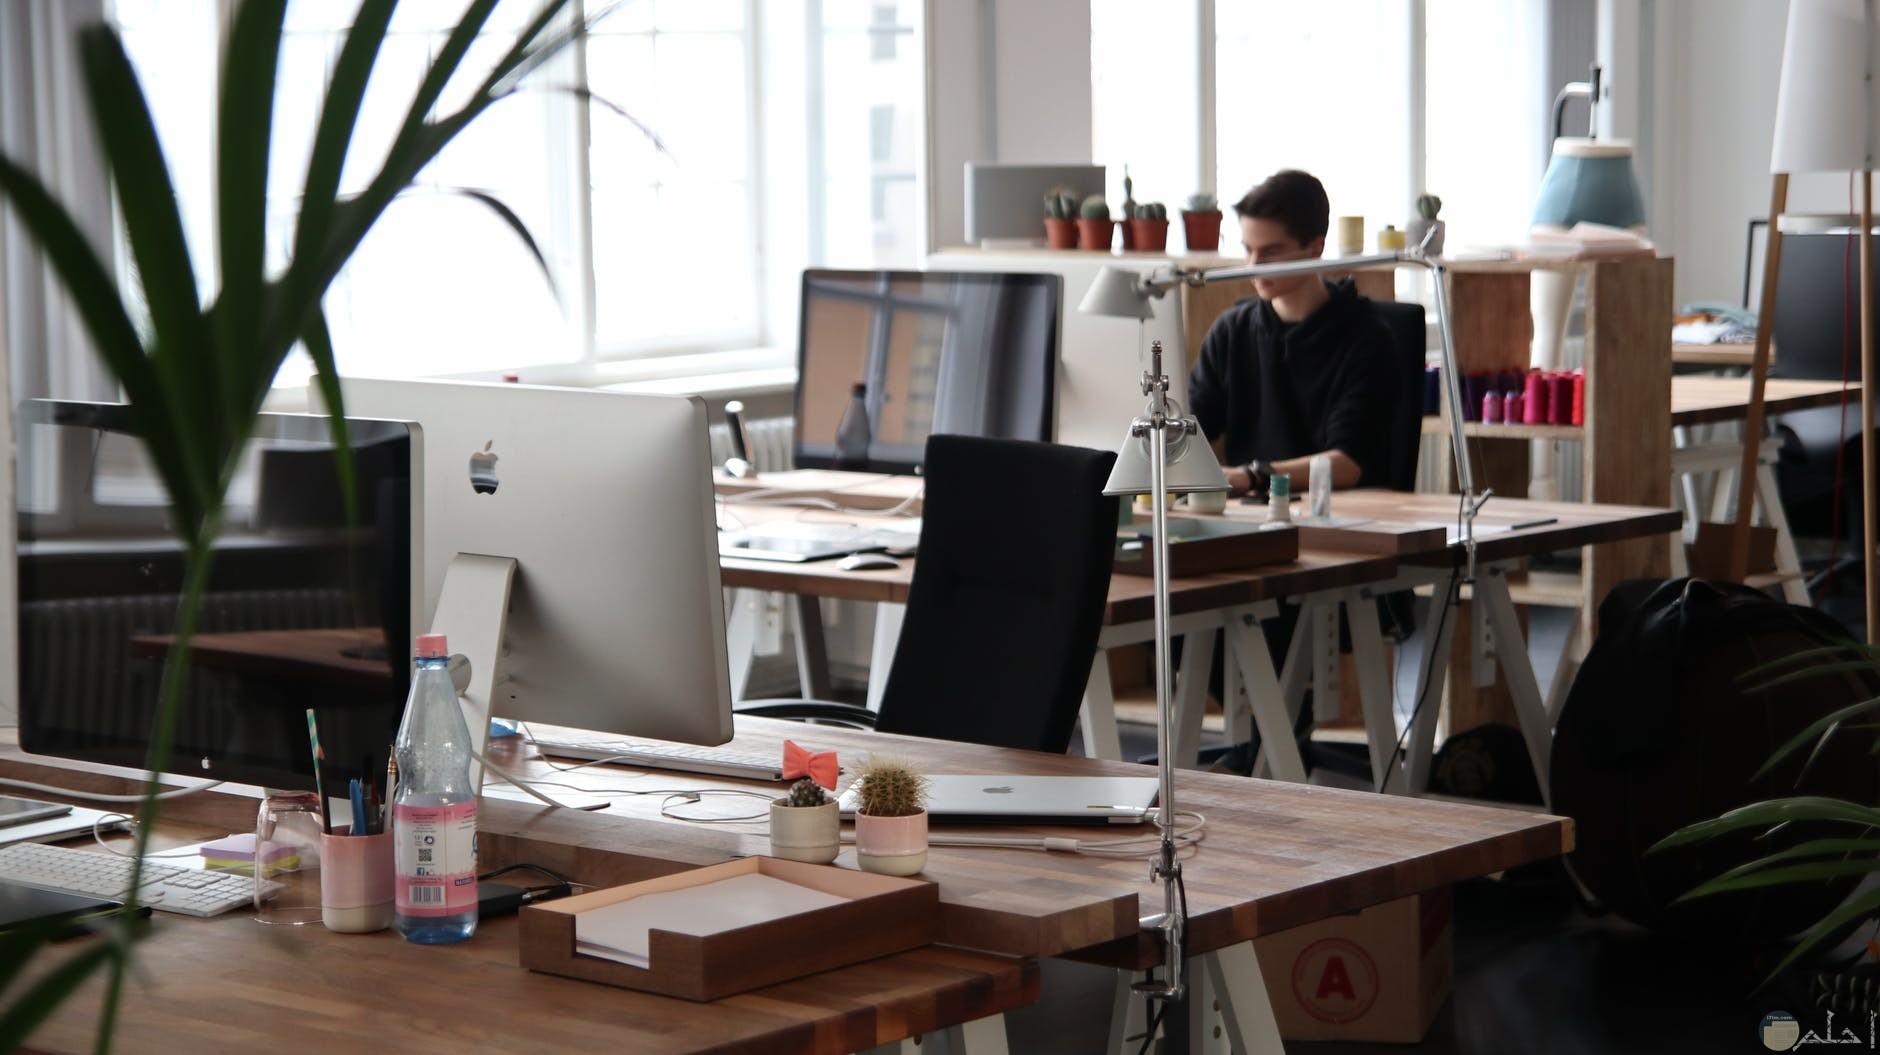 مكتب بسيط للعمل